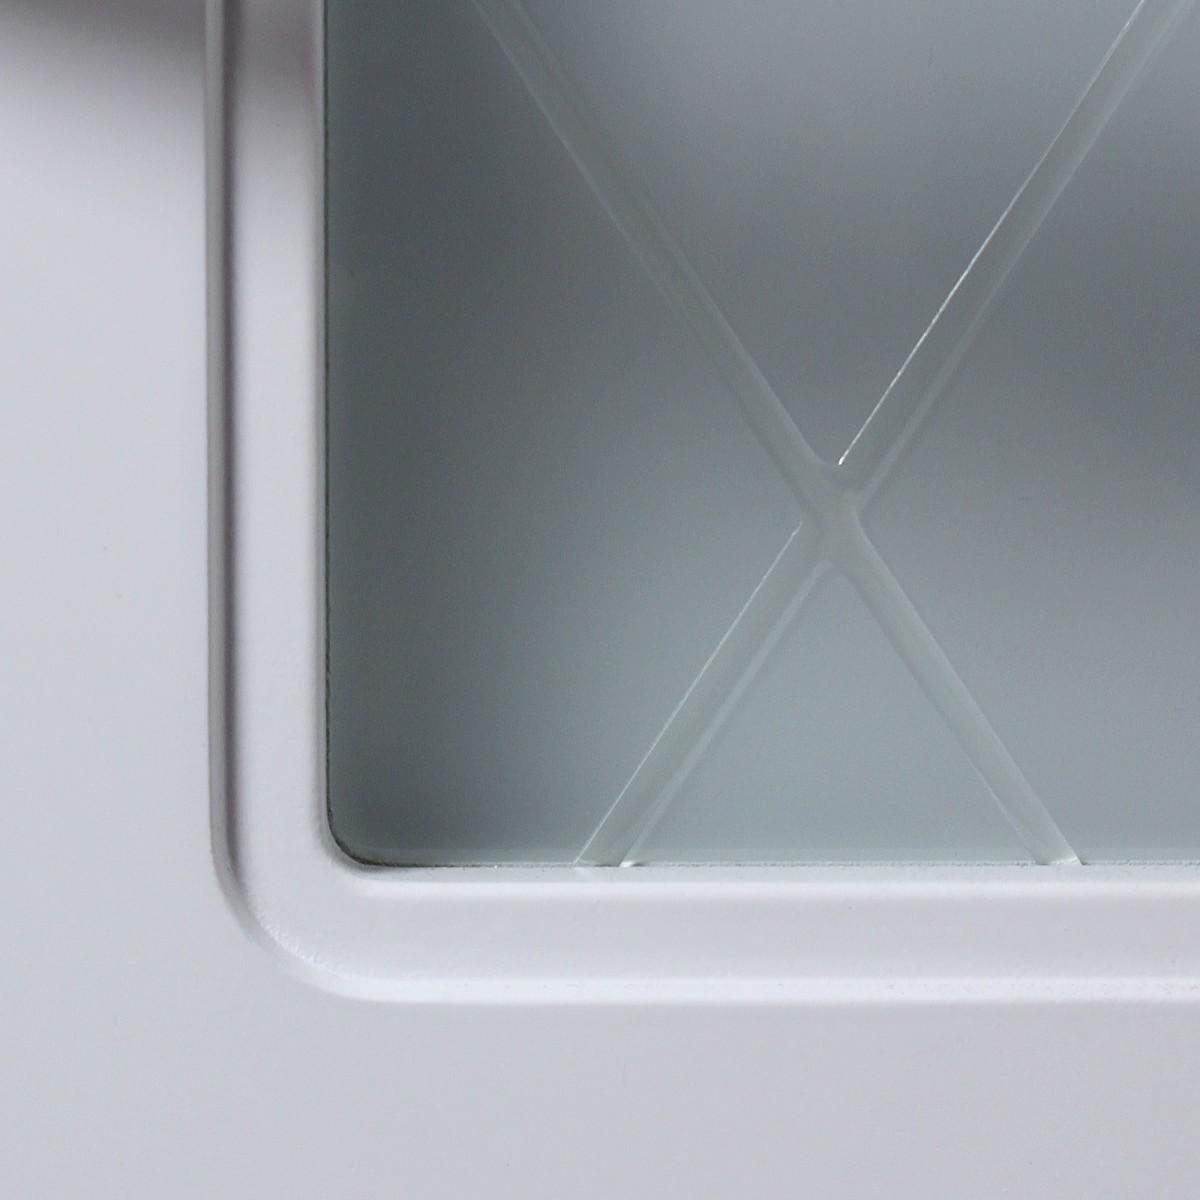 Дверь Межкомнатная Остеклённая Роялти 90x200 Цвет Белый